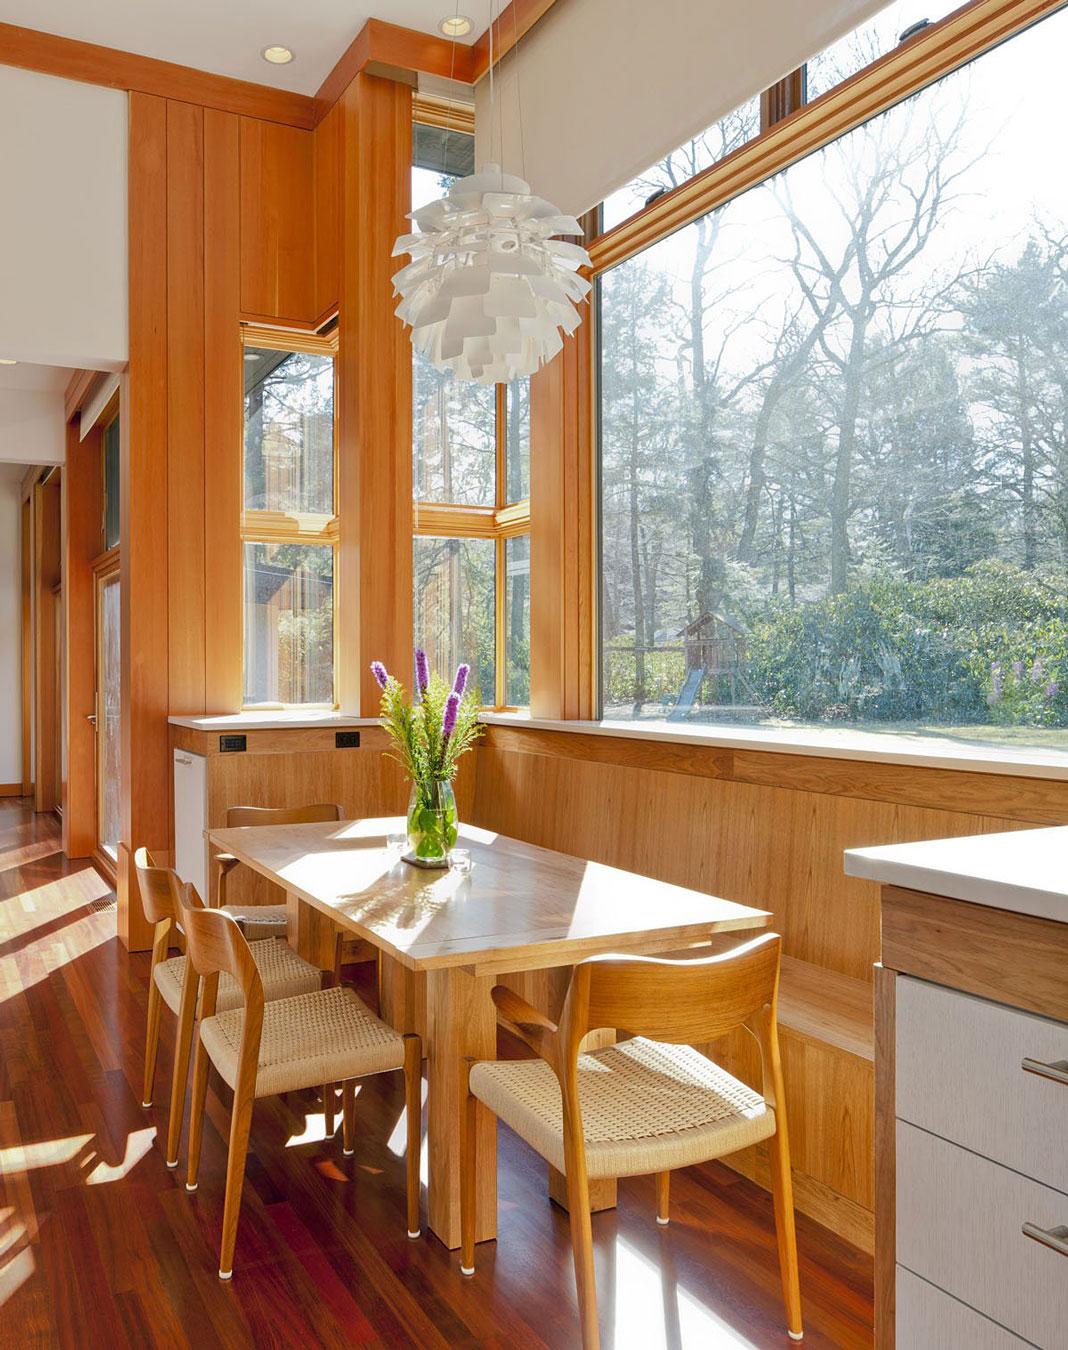 Miljövänligt hem med modern design 6 Miljövänligt hem med modern design